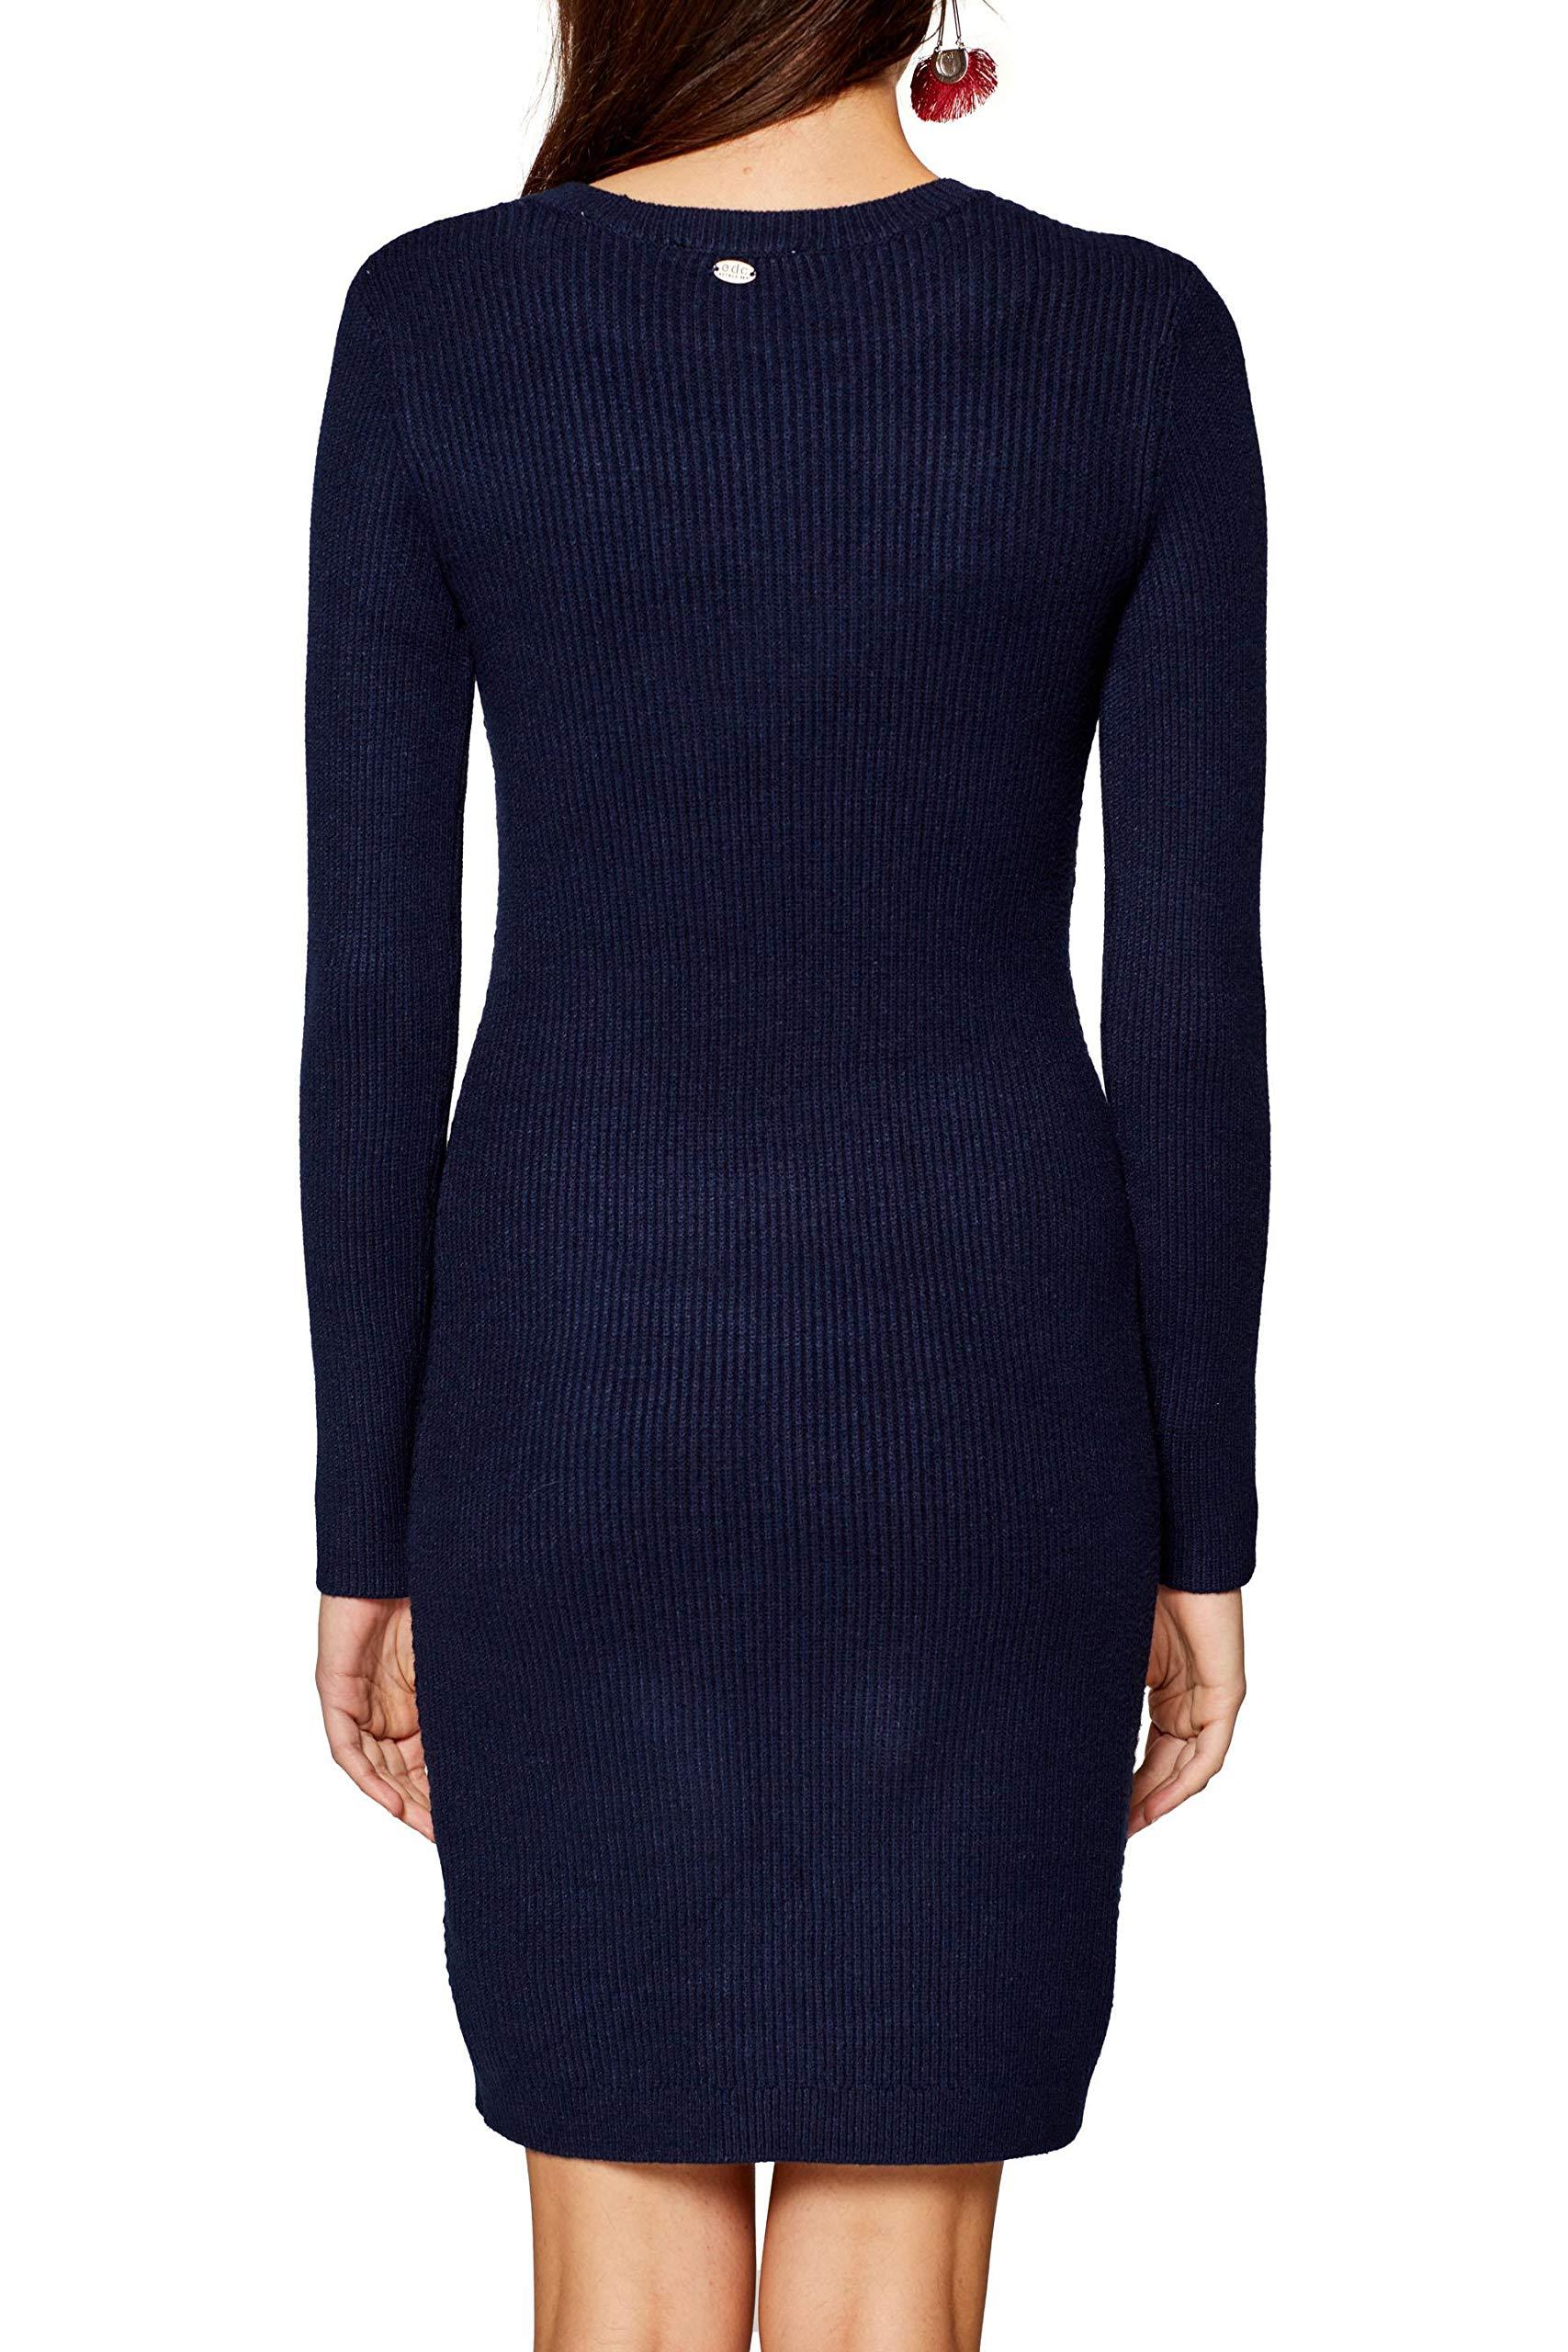 edc by Esprit, Vestido para Mujer